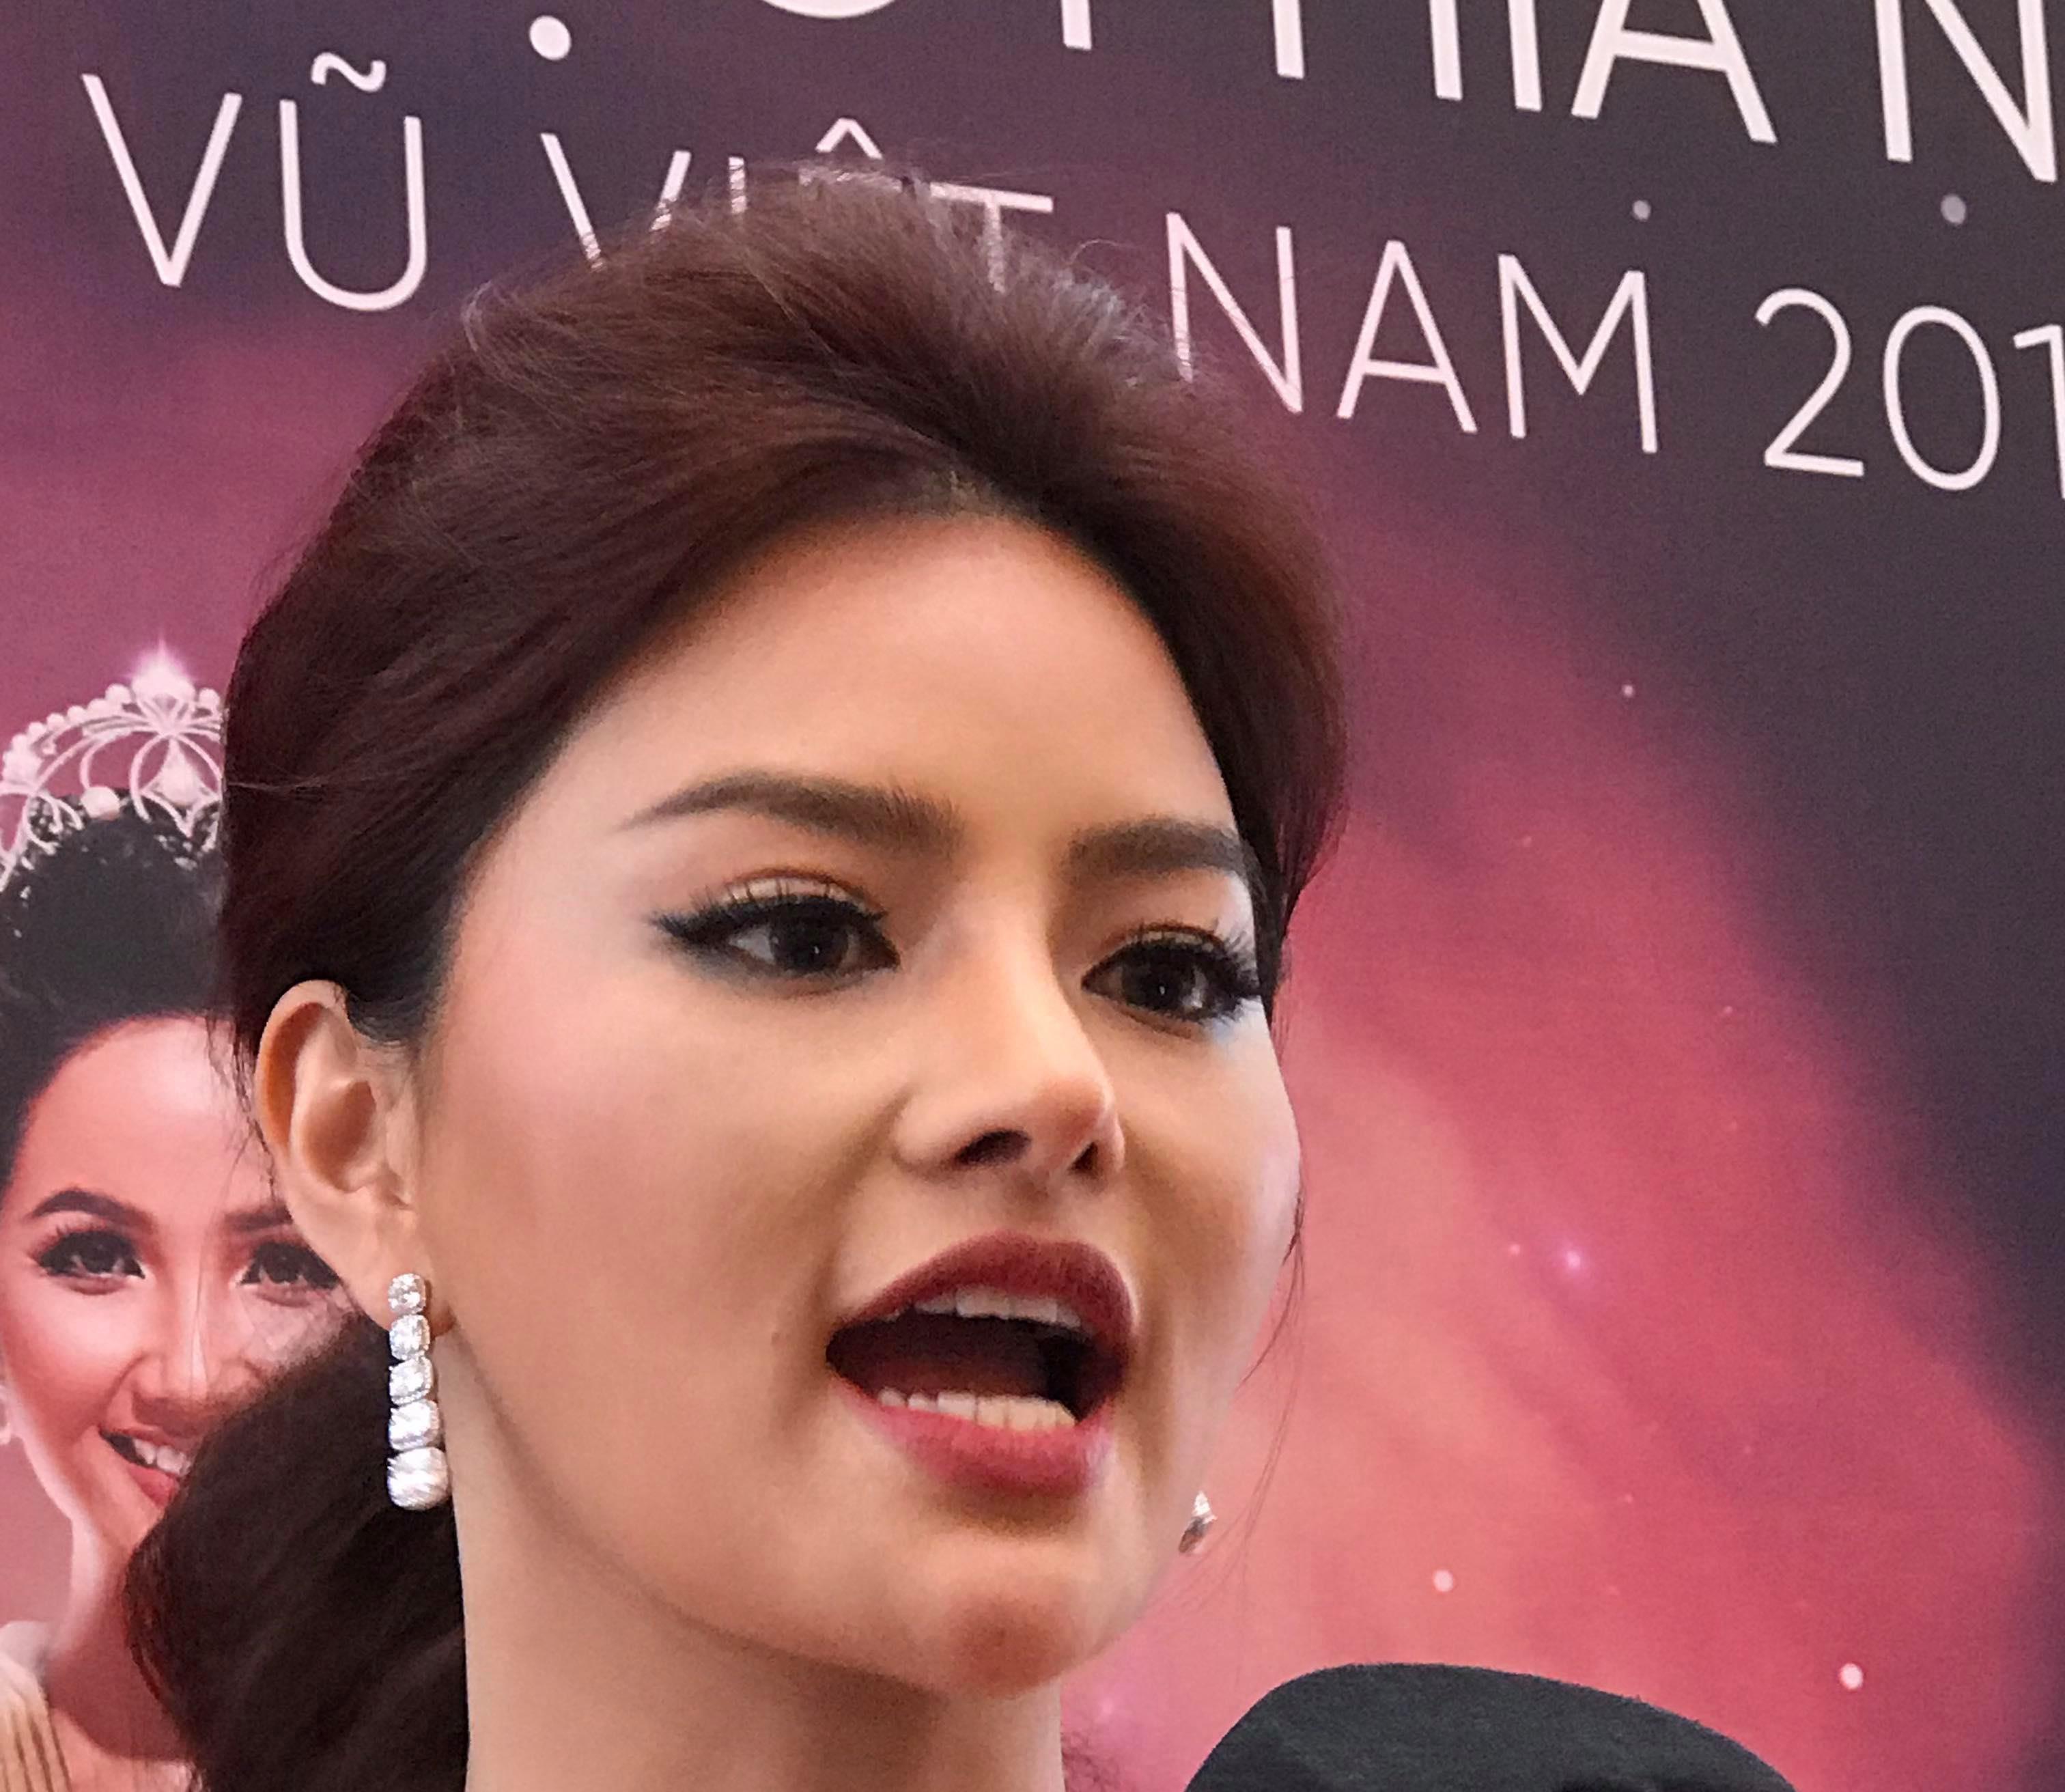 """Vì sao cựu mẫu Vũ Thu Phương lại bị """"nghi"""" phẫu thuật thẩm mỹ? - 1"""